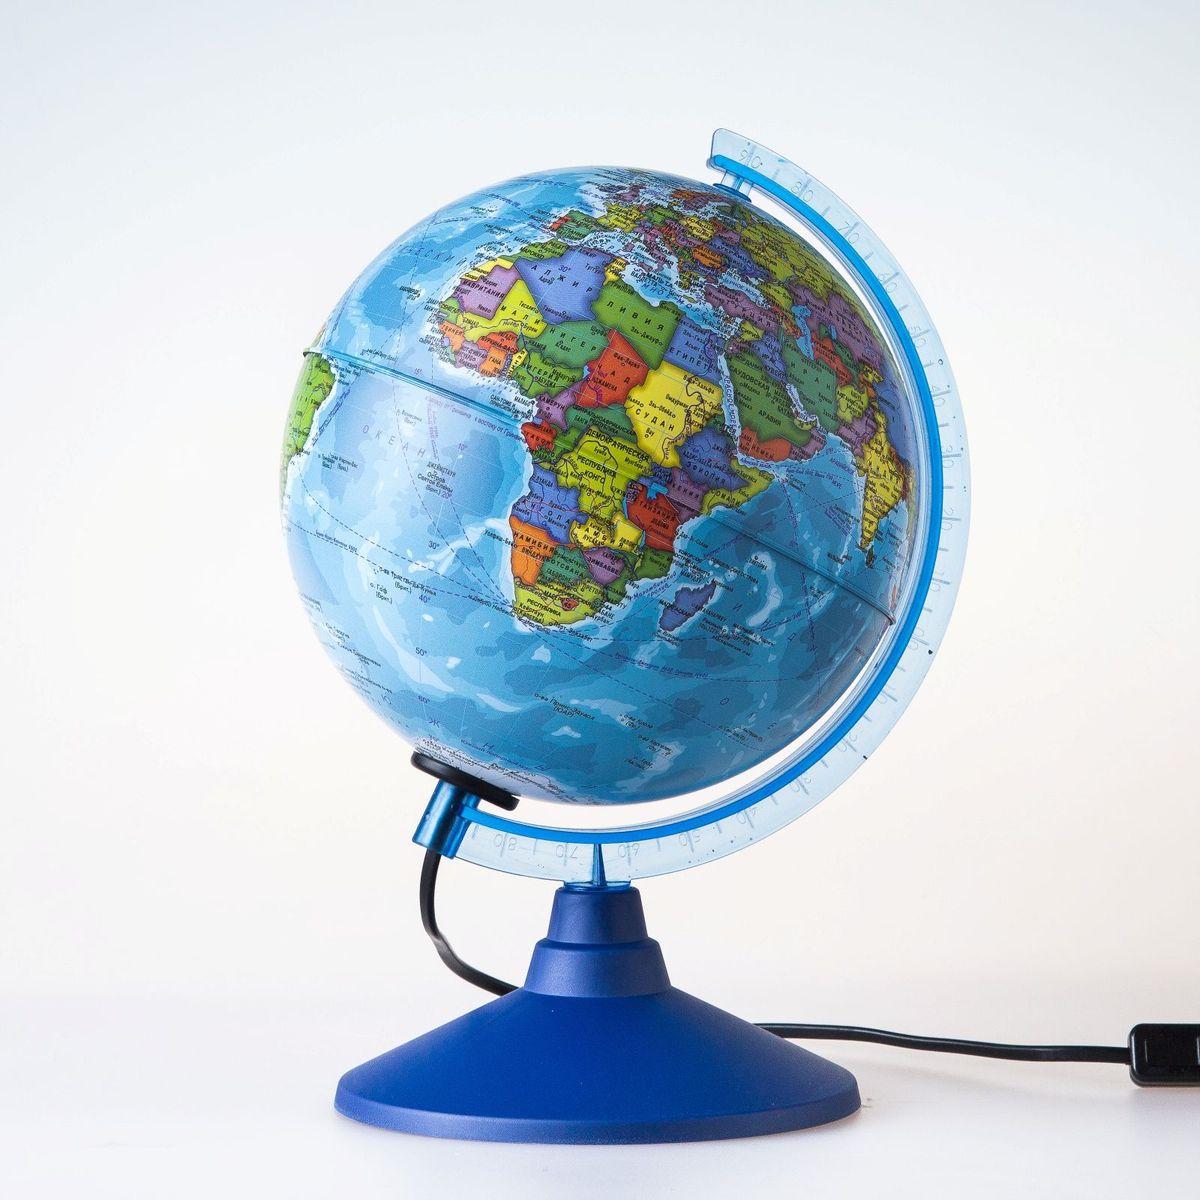 Глобен Глобус политический Классик Евро с подсветкой диаметр 15 см -  Глобусы